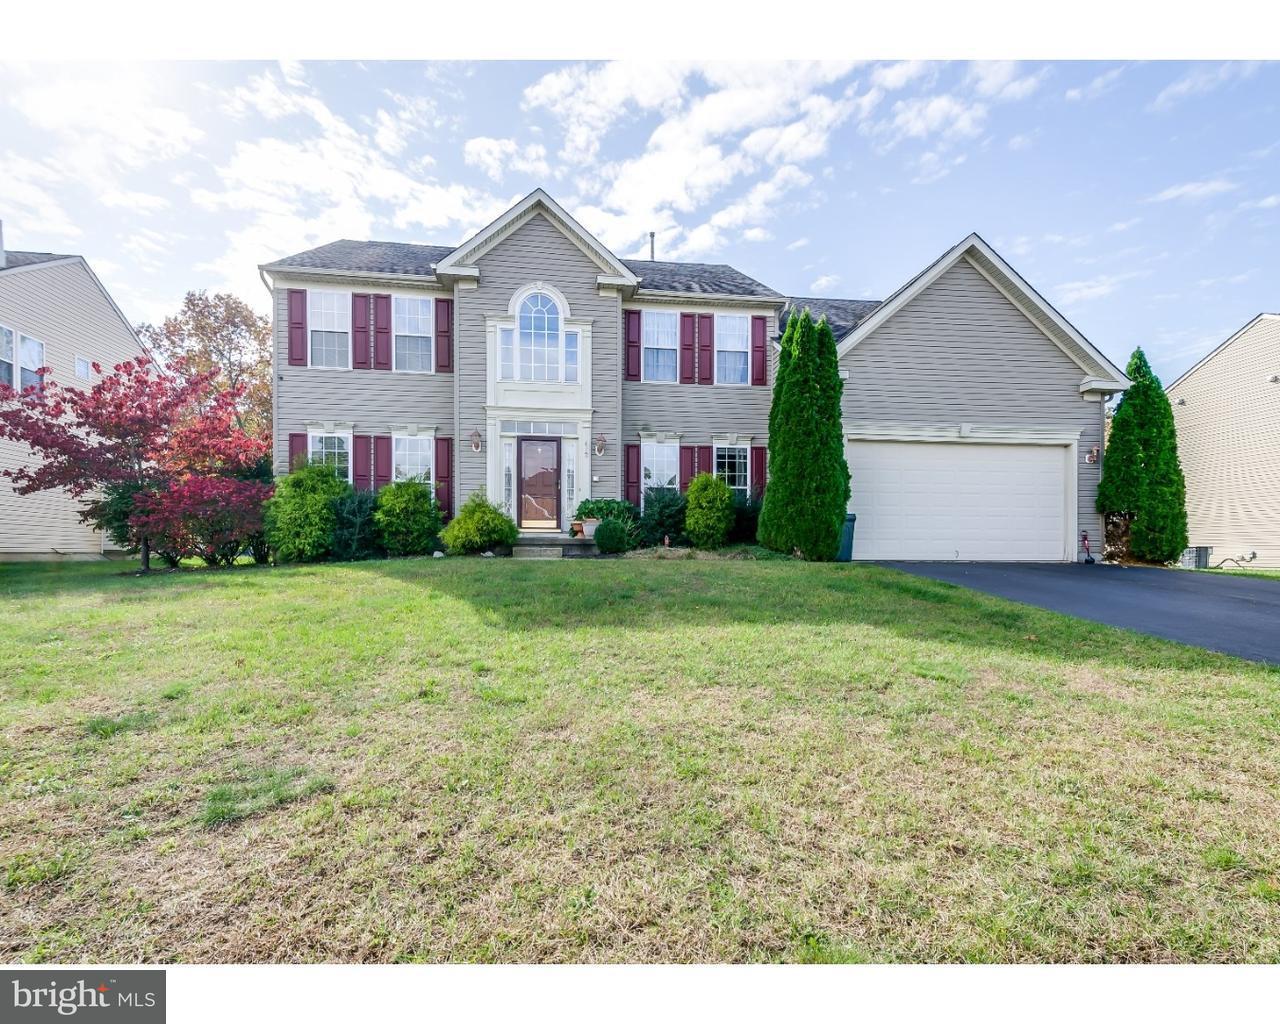 一戸建て のために 売買 アット 412 MONTANA Trail Browns Mills, ニュージャージー 08015 アメリカ合衆国